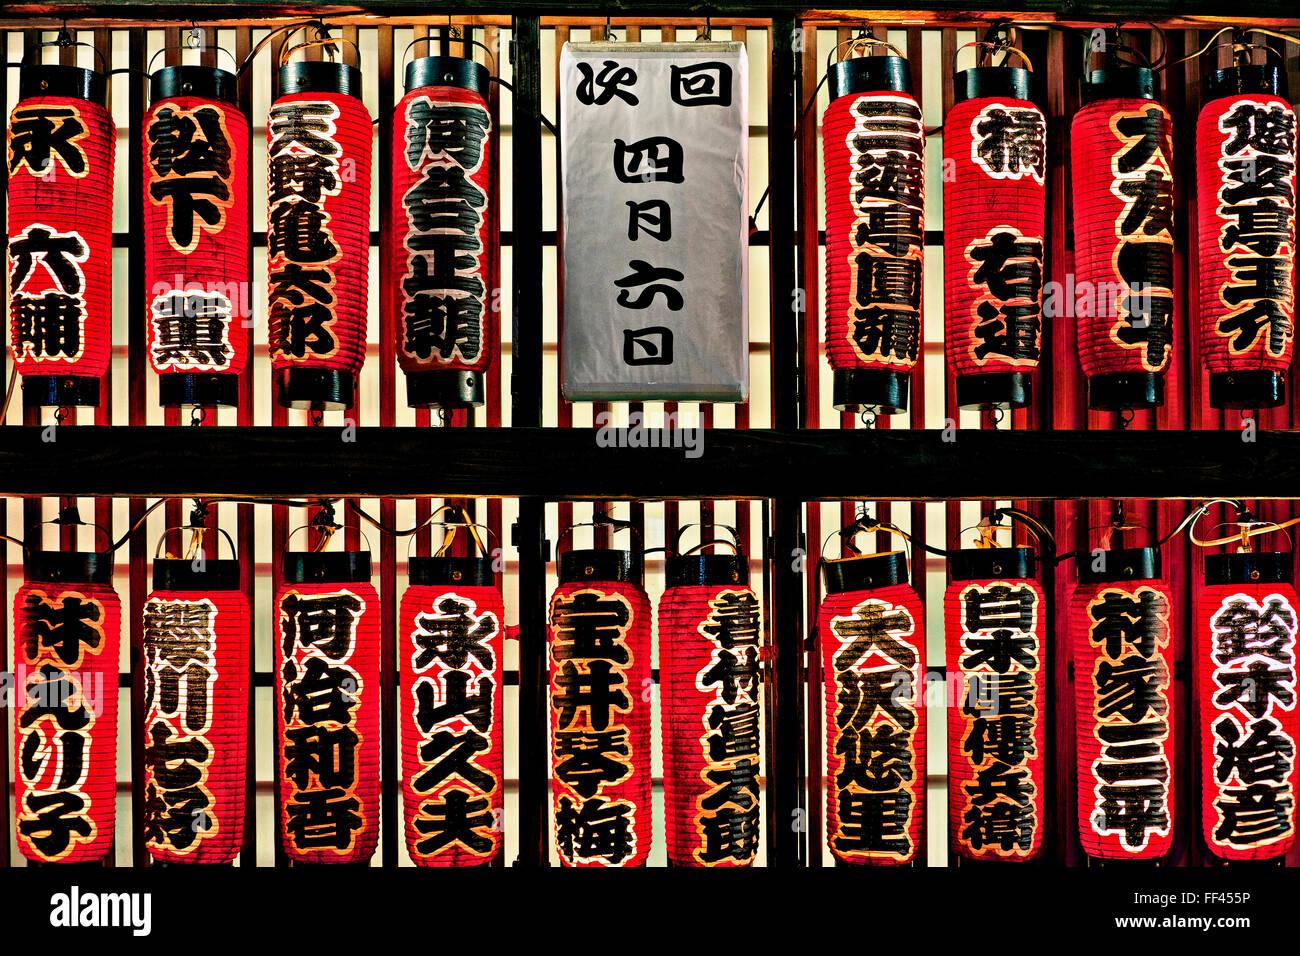 La isla de Japón, Honshu, Kanto, Tokio, luces. Imagen De Stock